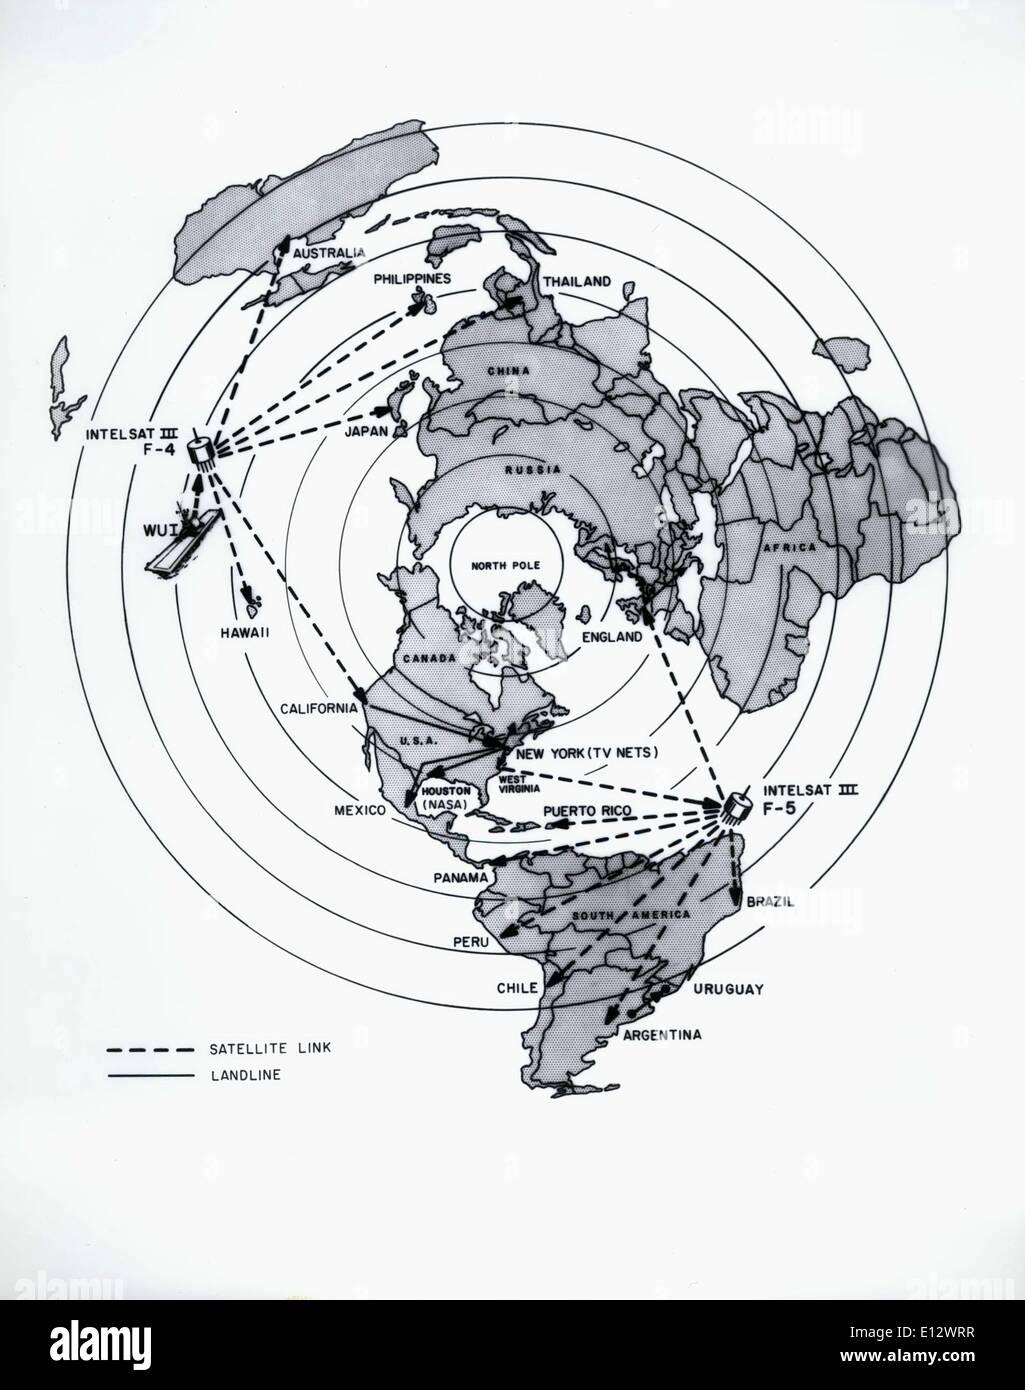 26. Februar 2012 - werden eine geschätzte 500 Millionen Zuschauer in 49 Ländern der Apollo 11 Wasserung, 24 Juli, Stockfoto